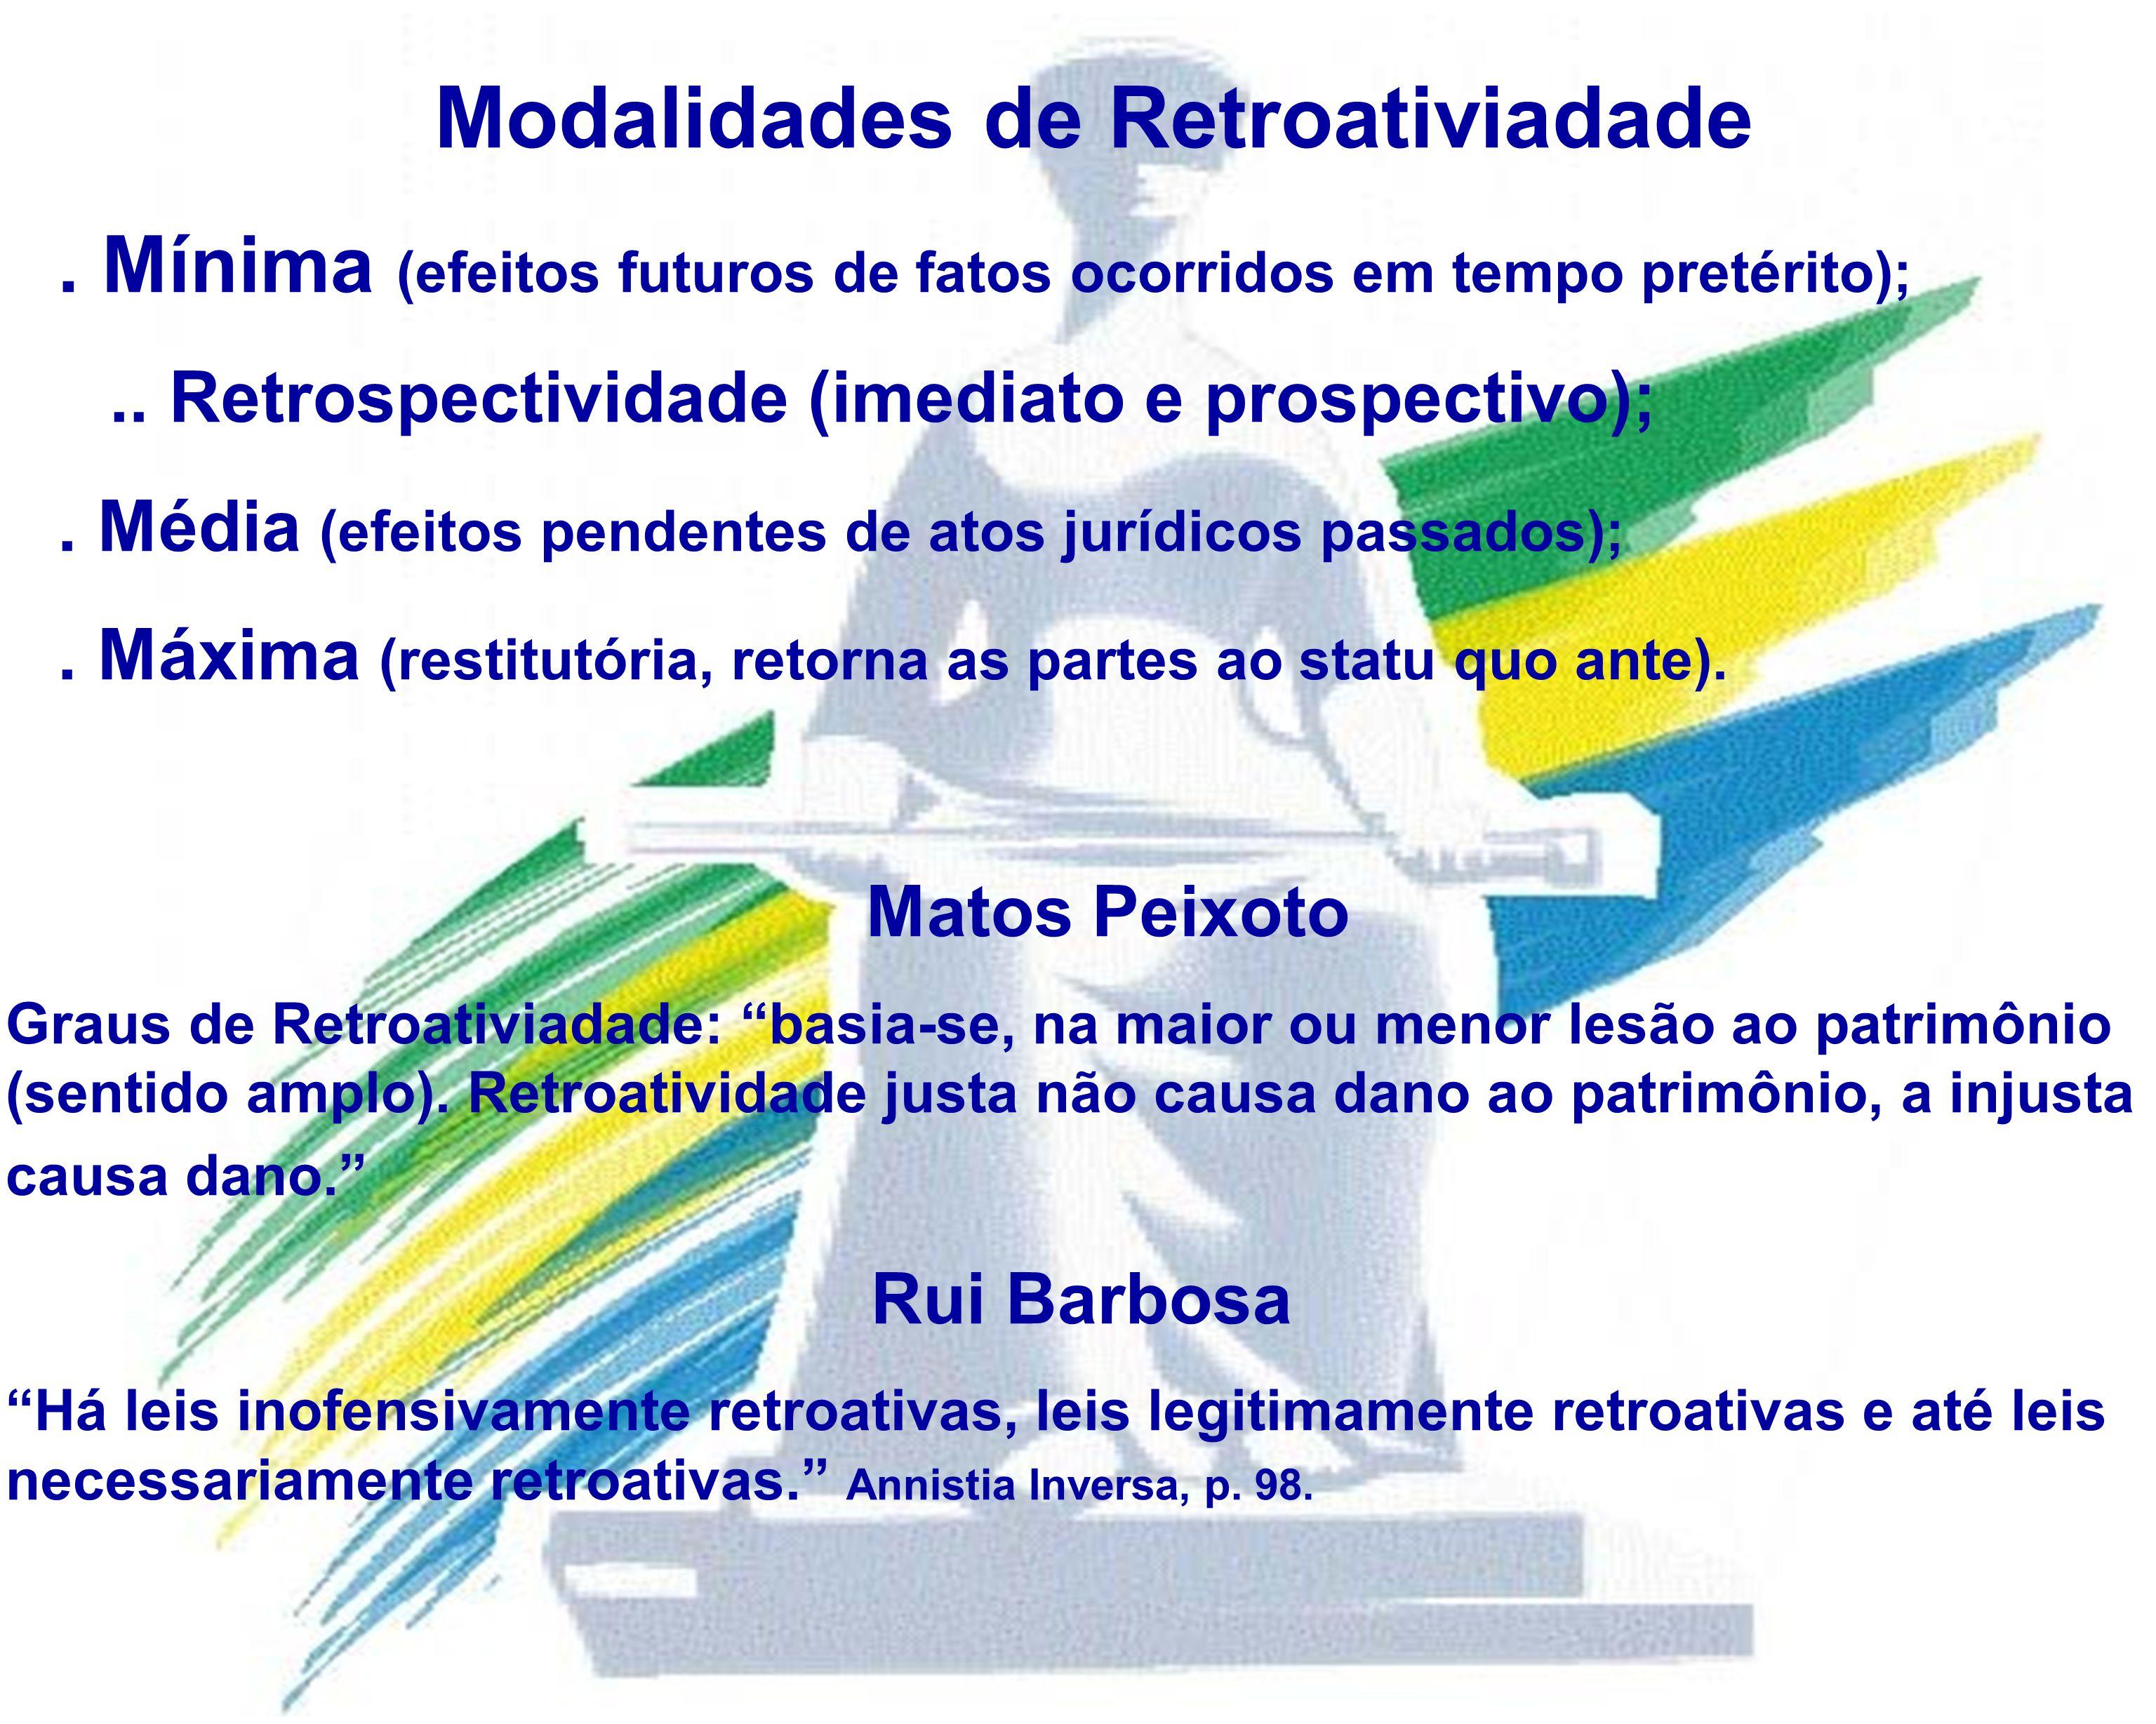 Modalidades de Retroativiadade. Mínima (efeitos futuros de fatos ocorridos em tempo pretérito);.. Retrospectividade (imediato e prospectivo);. Média (